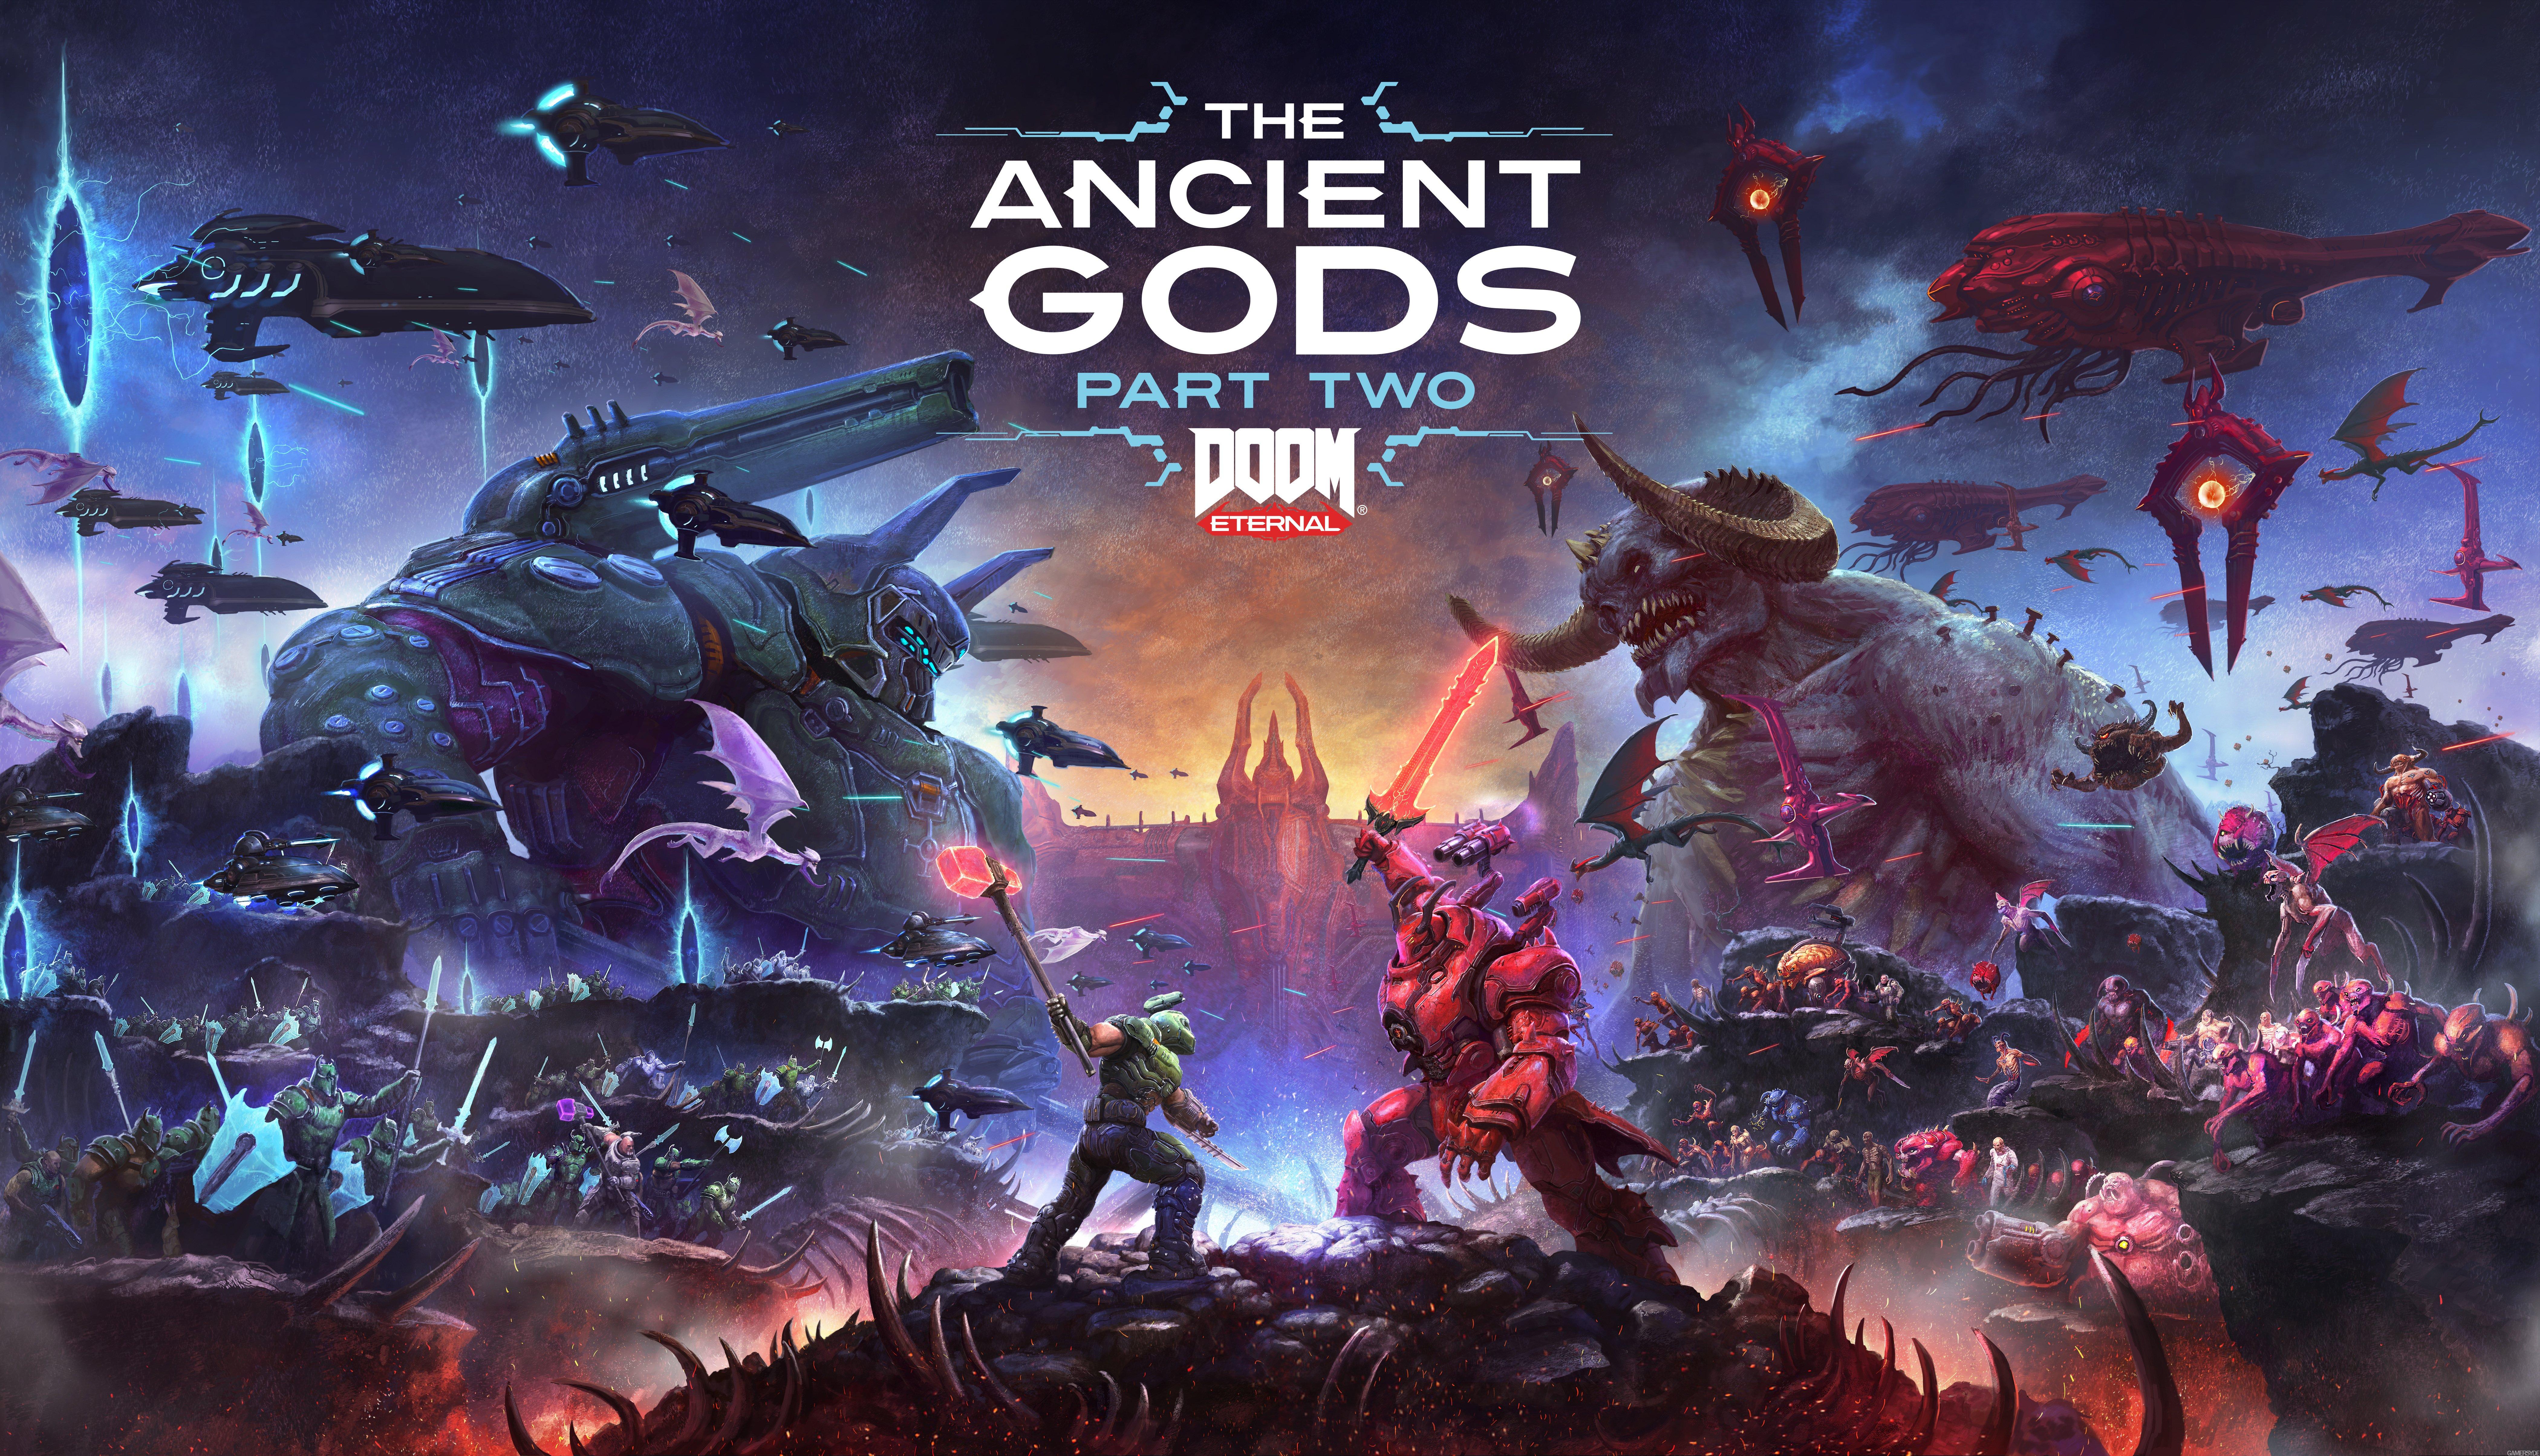 Fondos de pantalla Doom Eternal The Ancient Gods Part Two